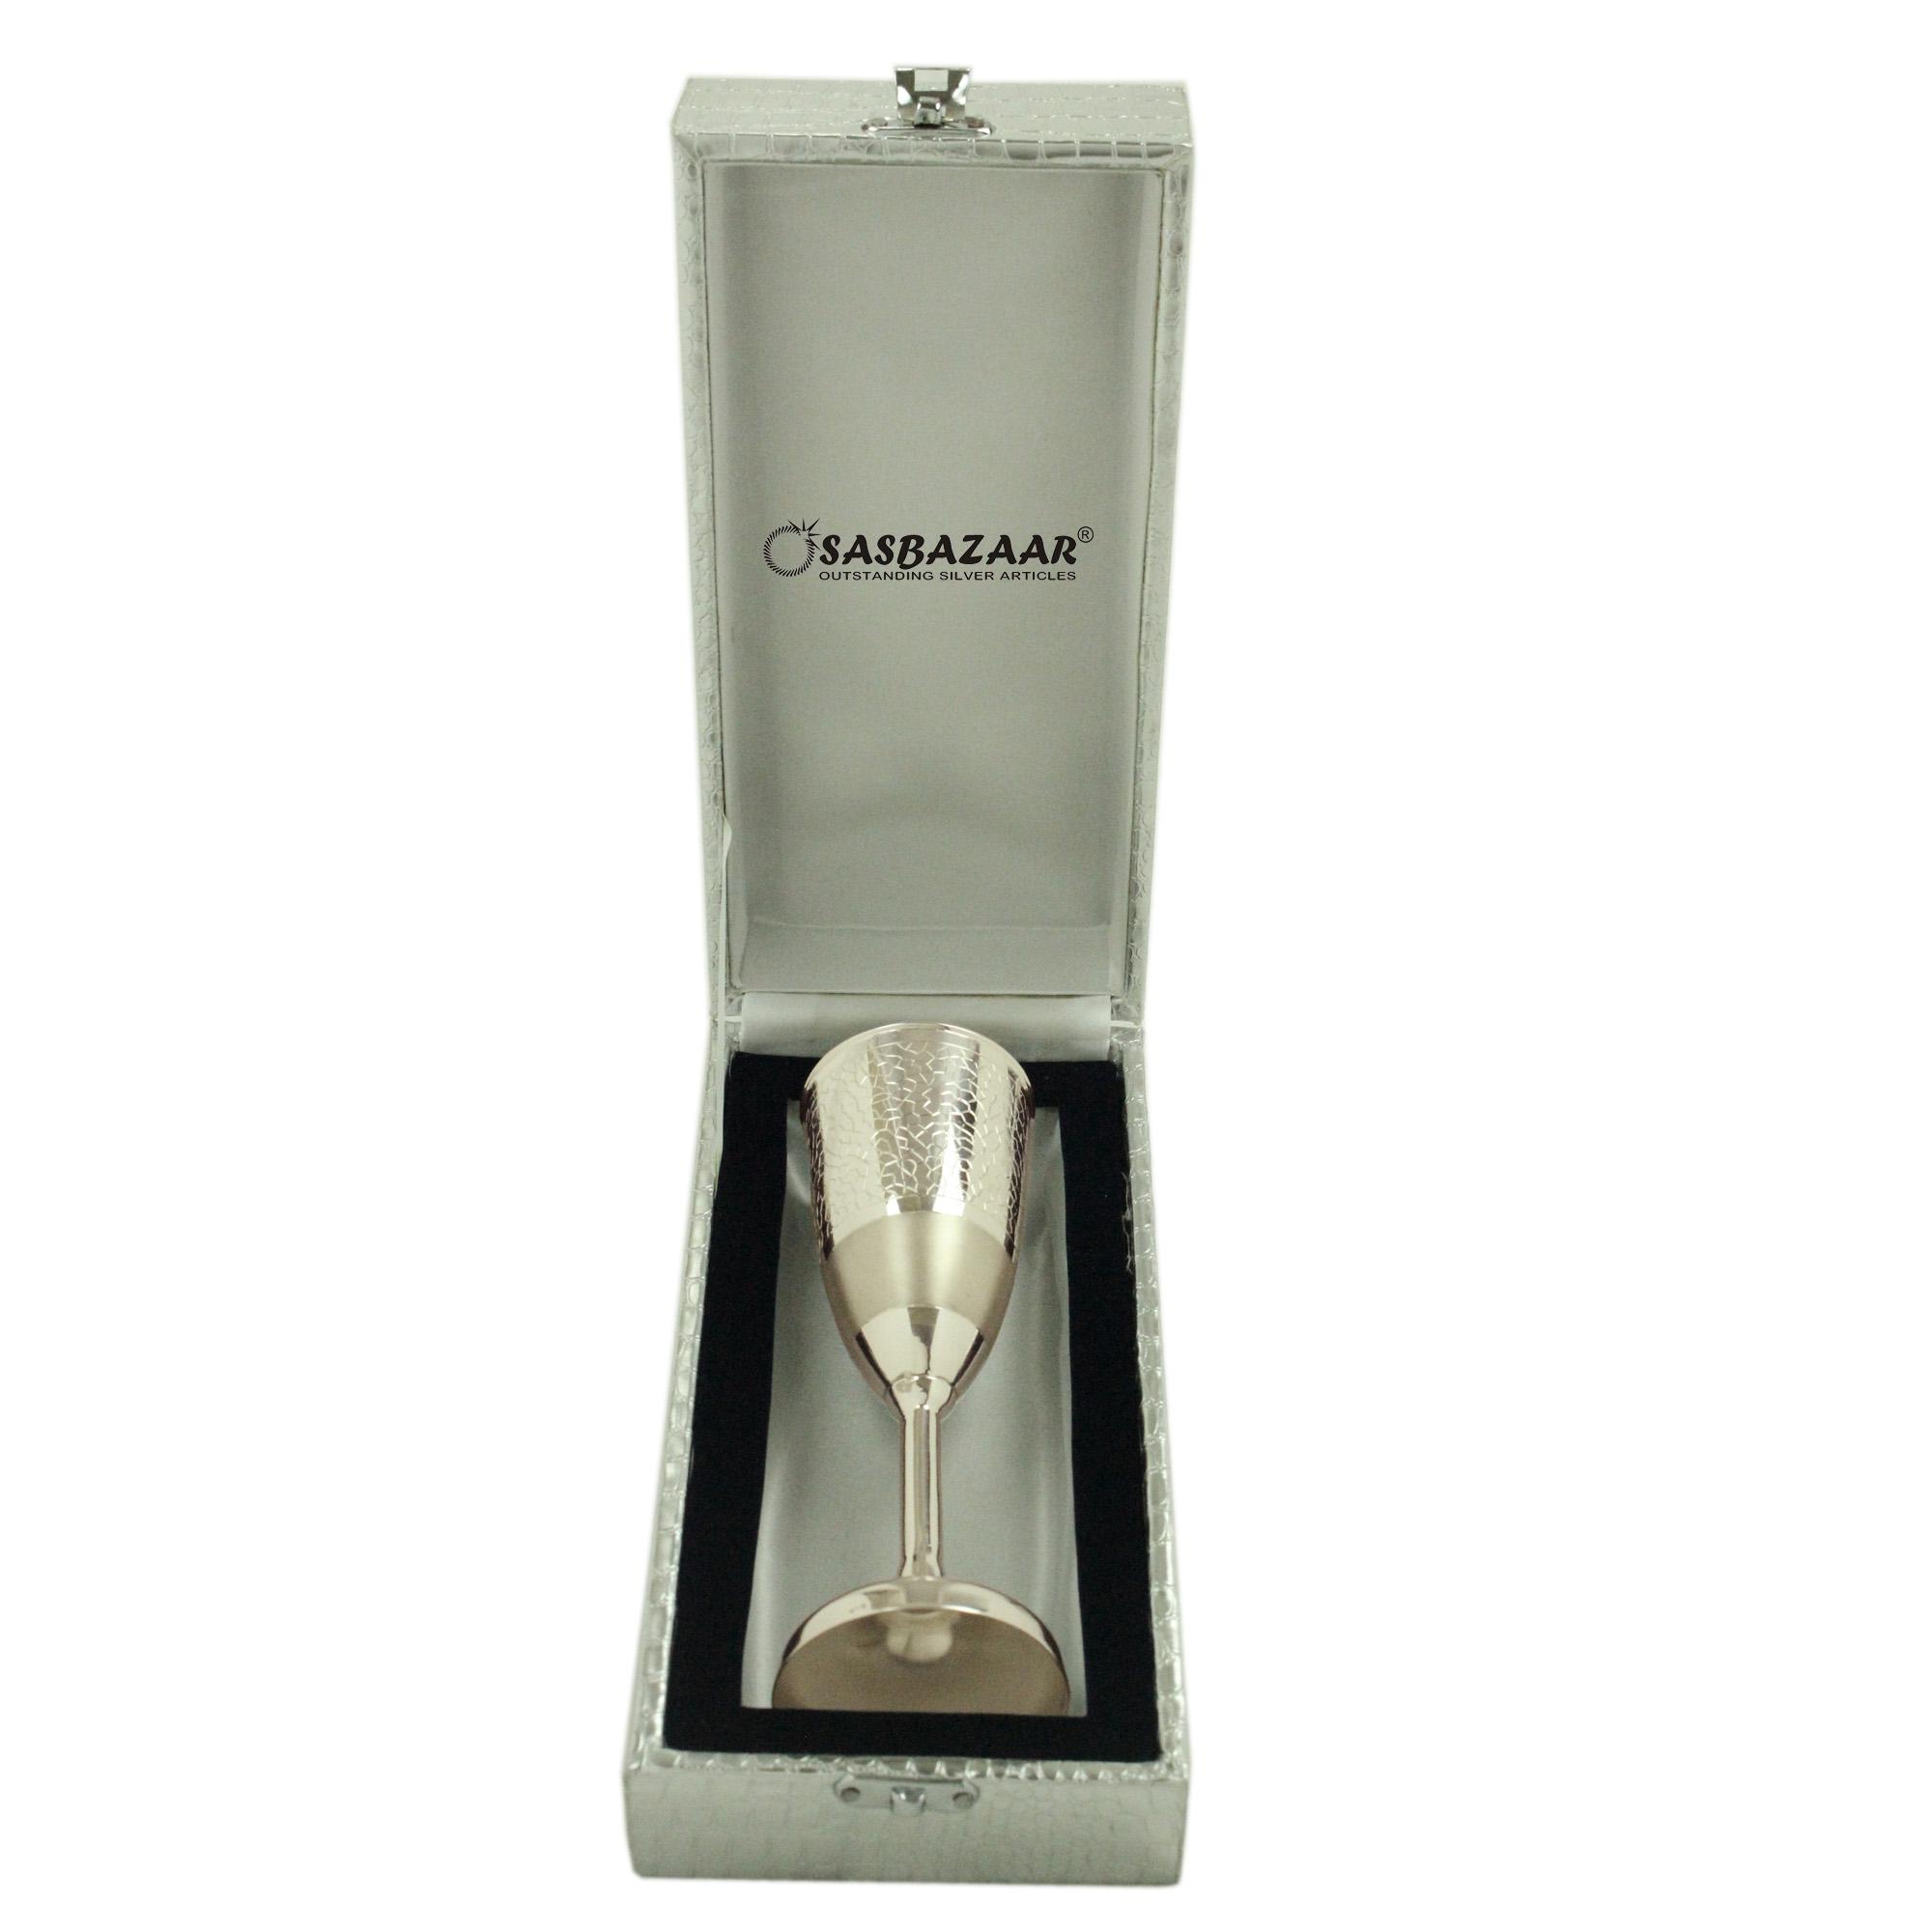 Wine Glass in Silver by Osasbazaar Packaging